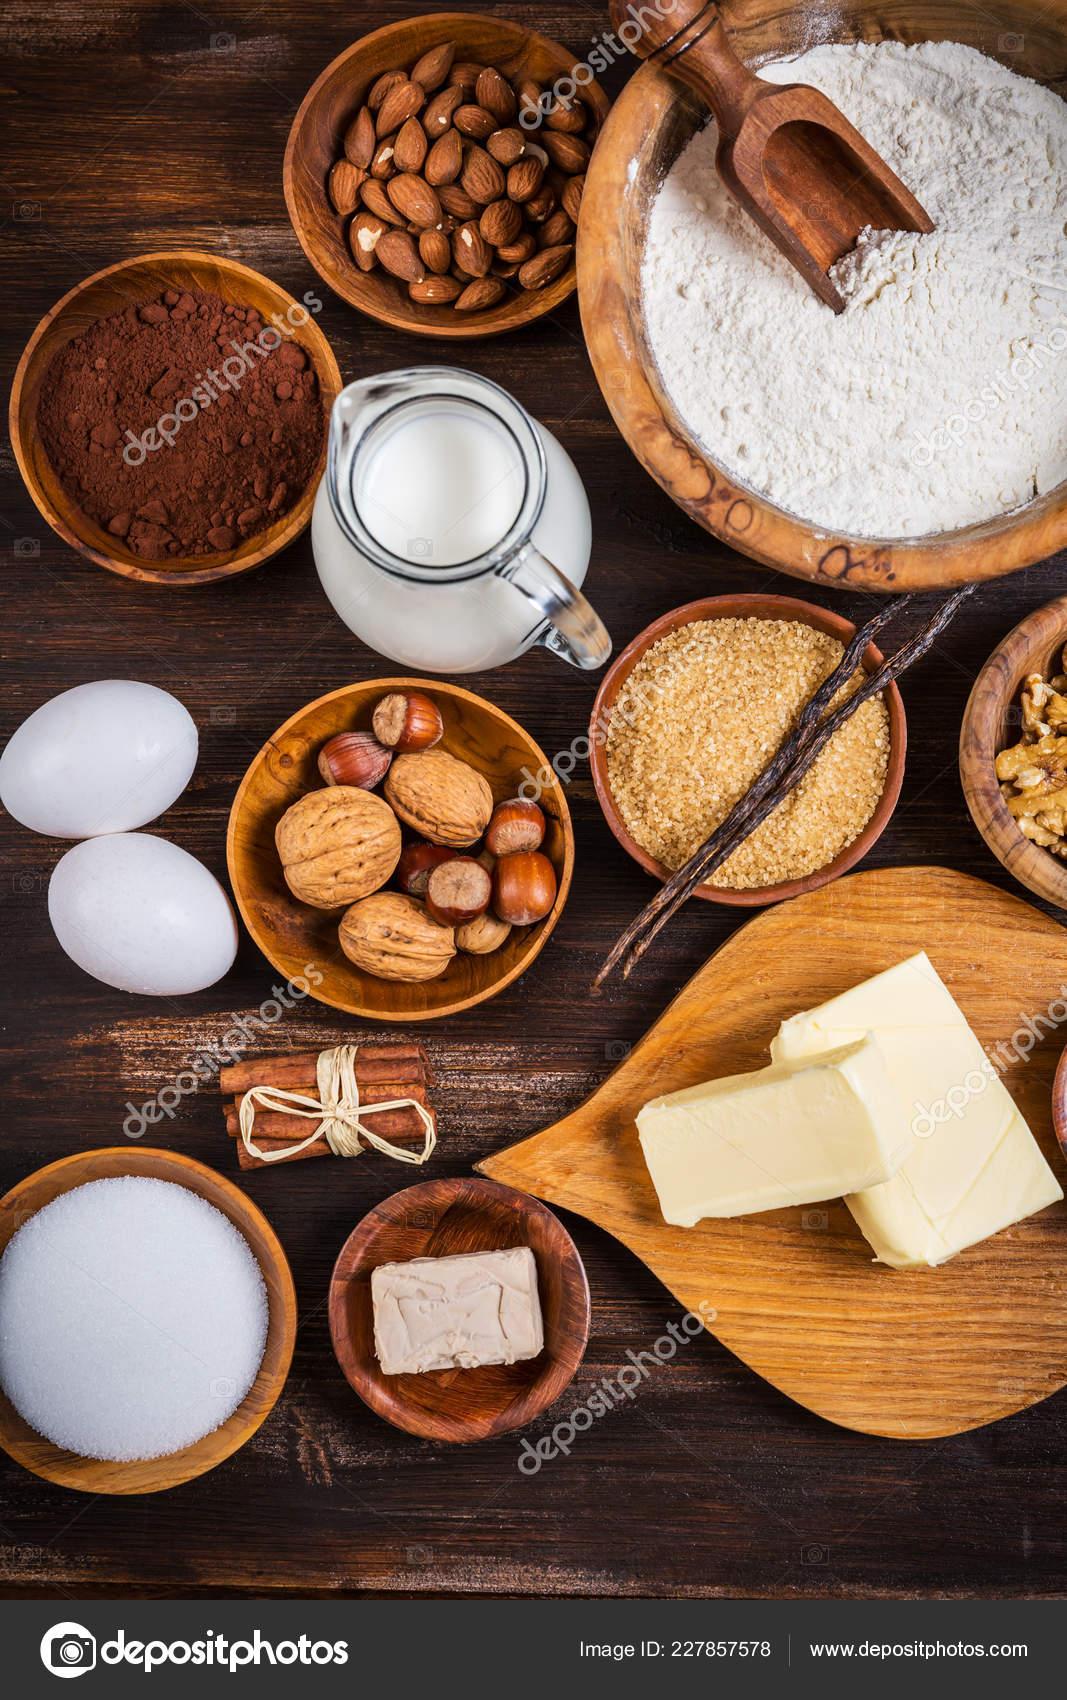 Weihnachtsplätzchen Zutaten.Variation Der Zutaten Für Weihnachtsplätzchen Und Kuchen Backen